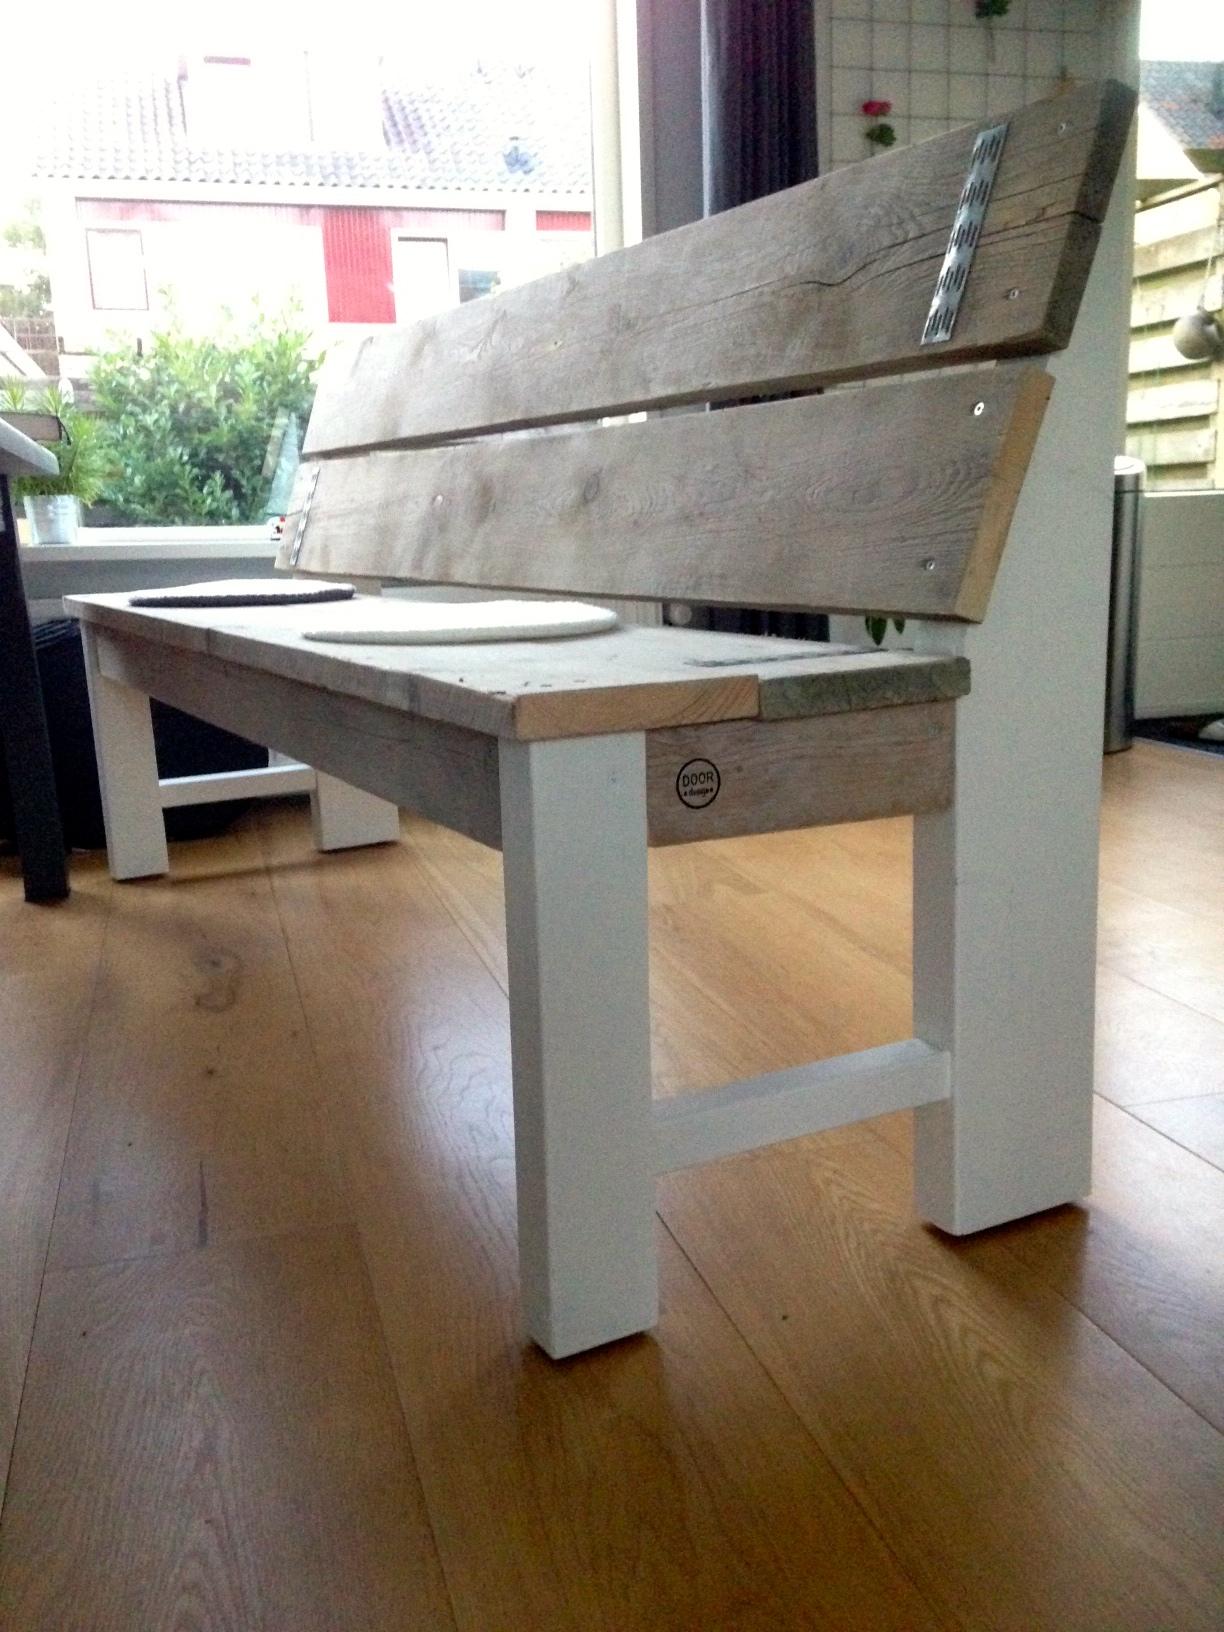 Hout doordesign for Steigerhouten eettafel bank